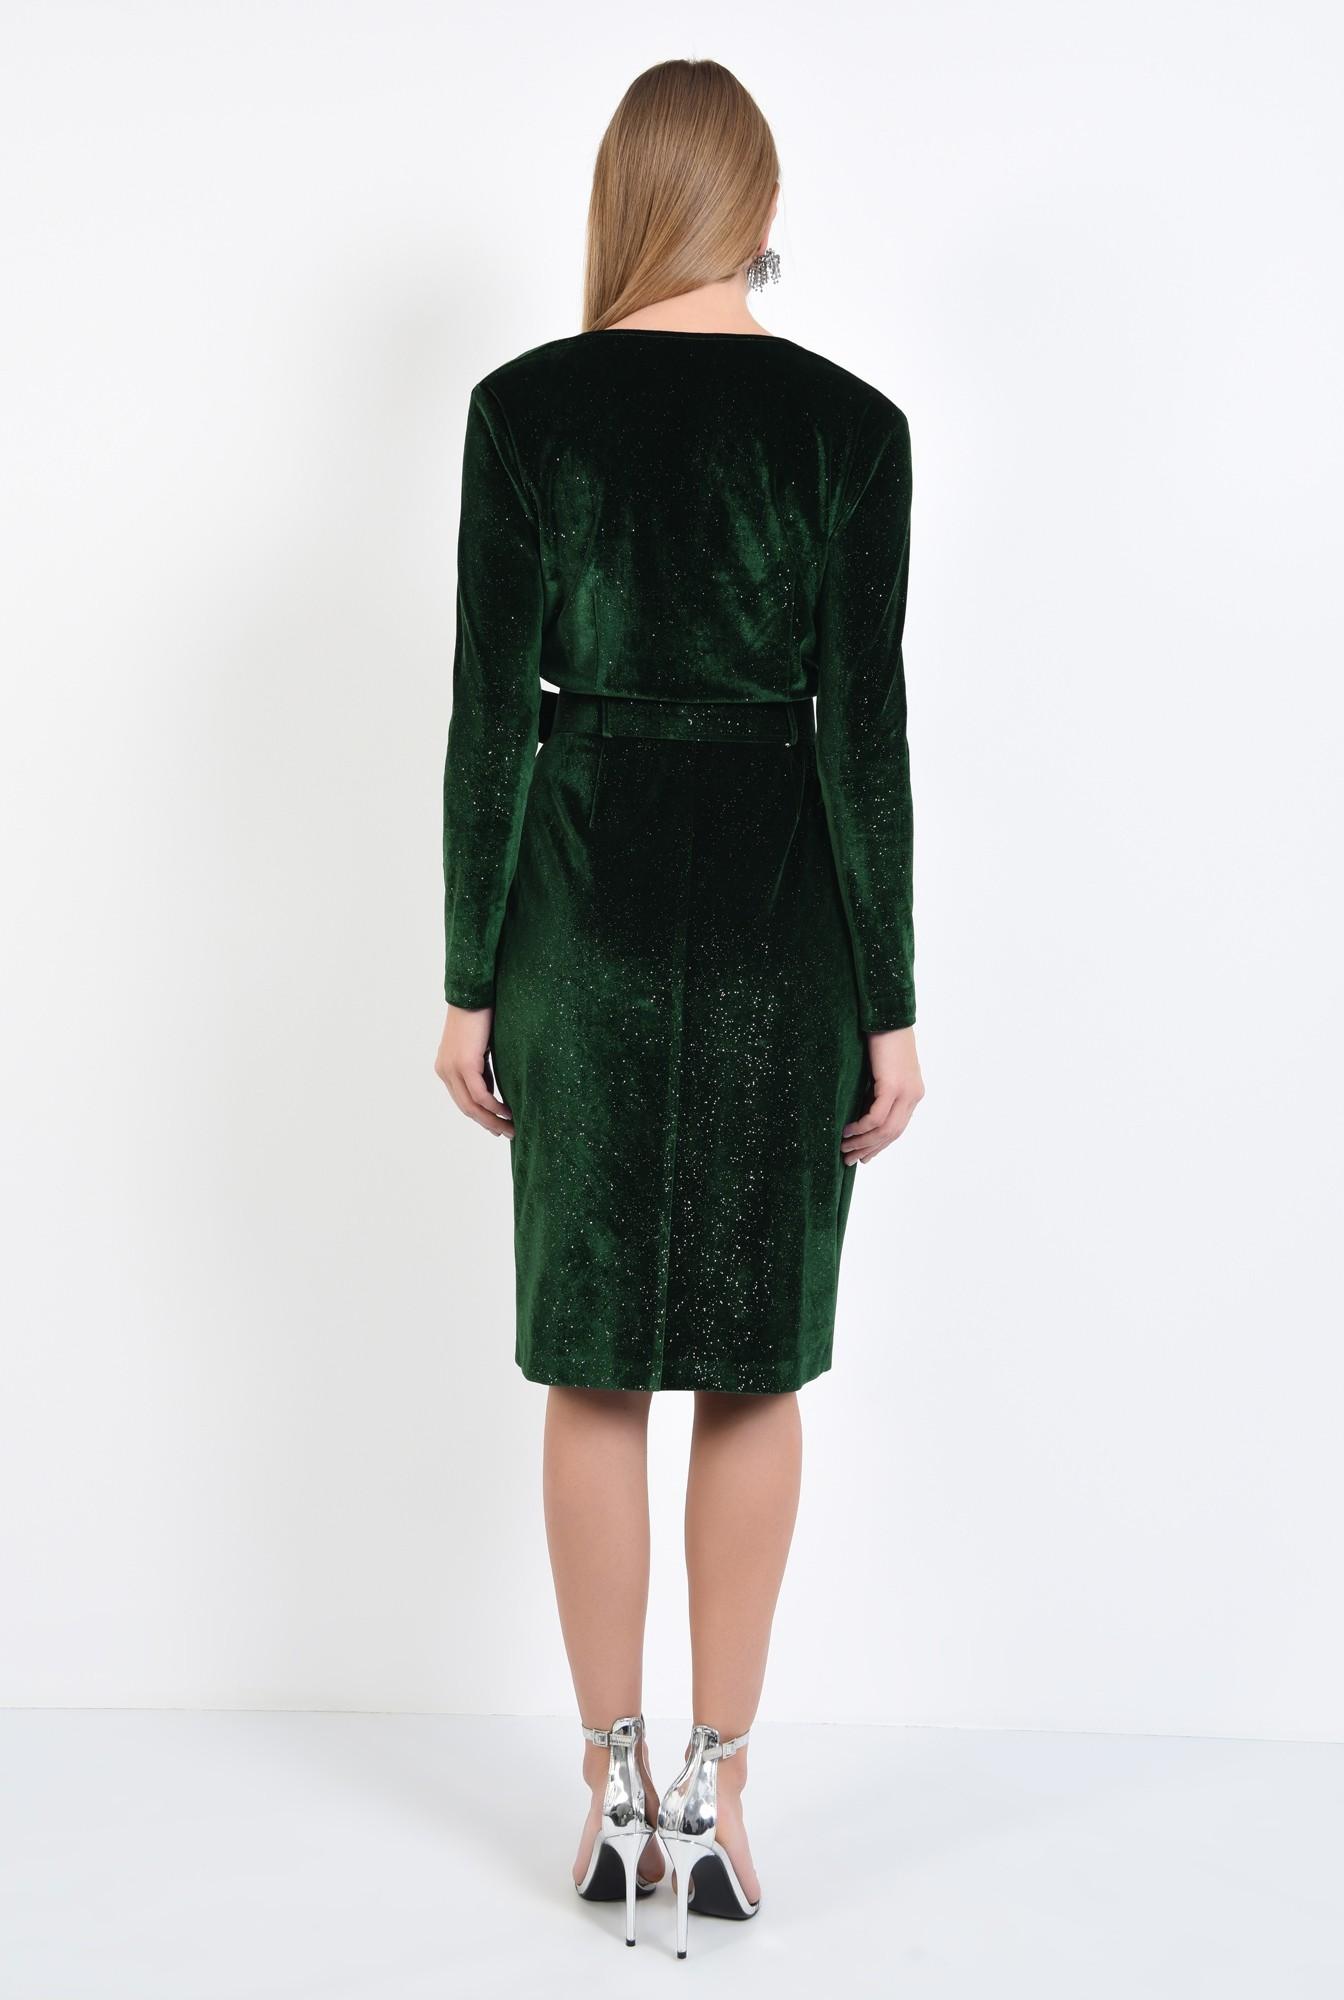 1 - rochie de ocazie, verde, din catifea, cu sclipici